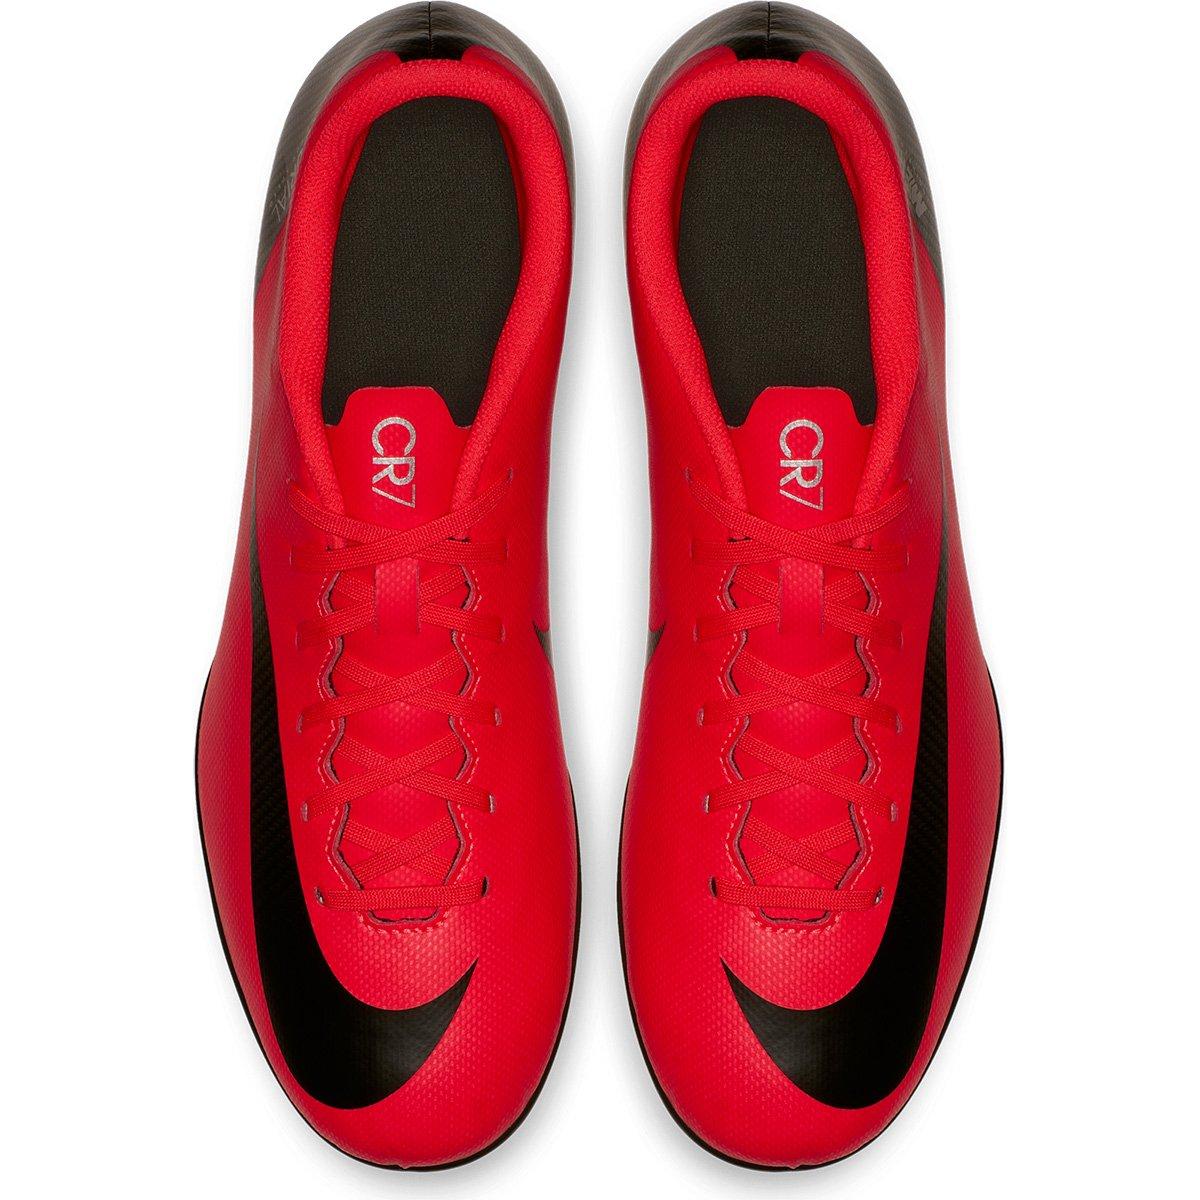 4eb4fe5ada Chuteira Campo Nike Mercurial Vapor 12 Club CR7 FG - Vermelho e ...